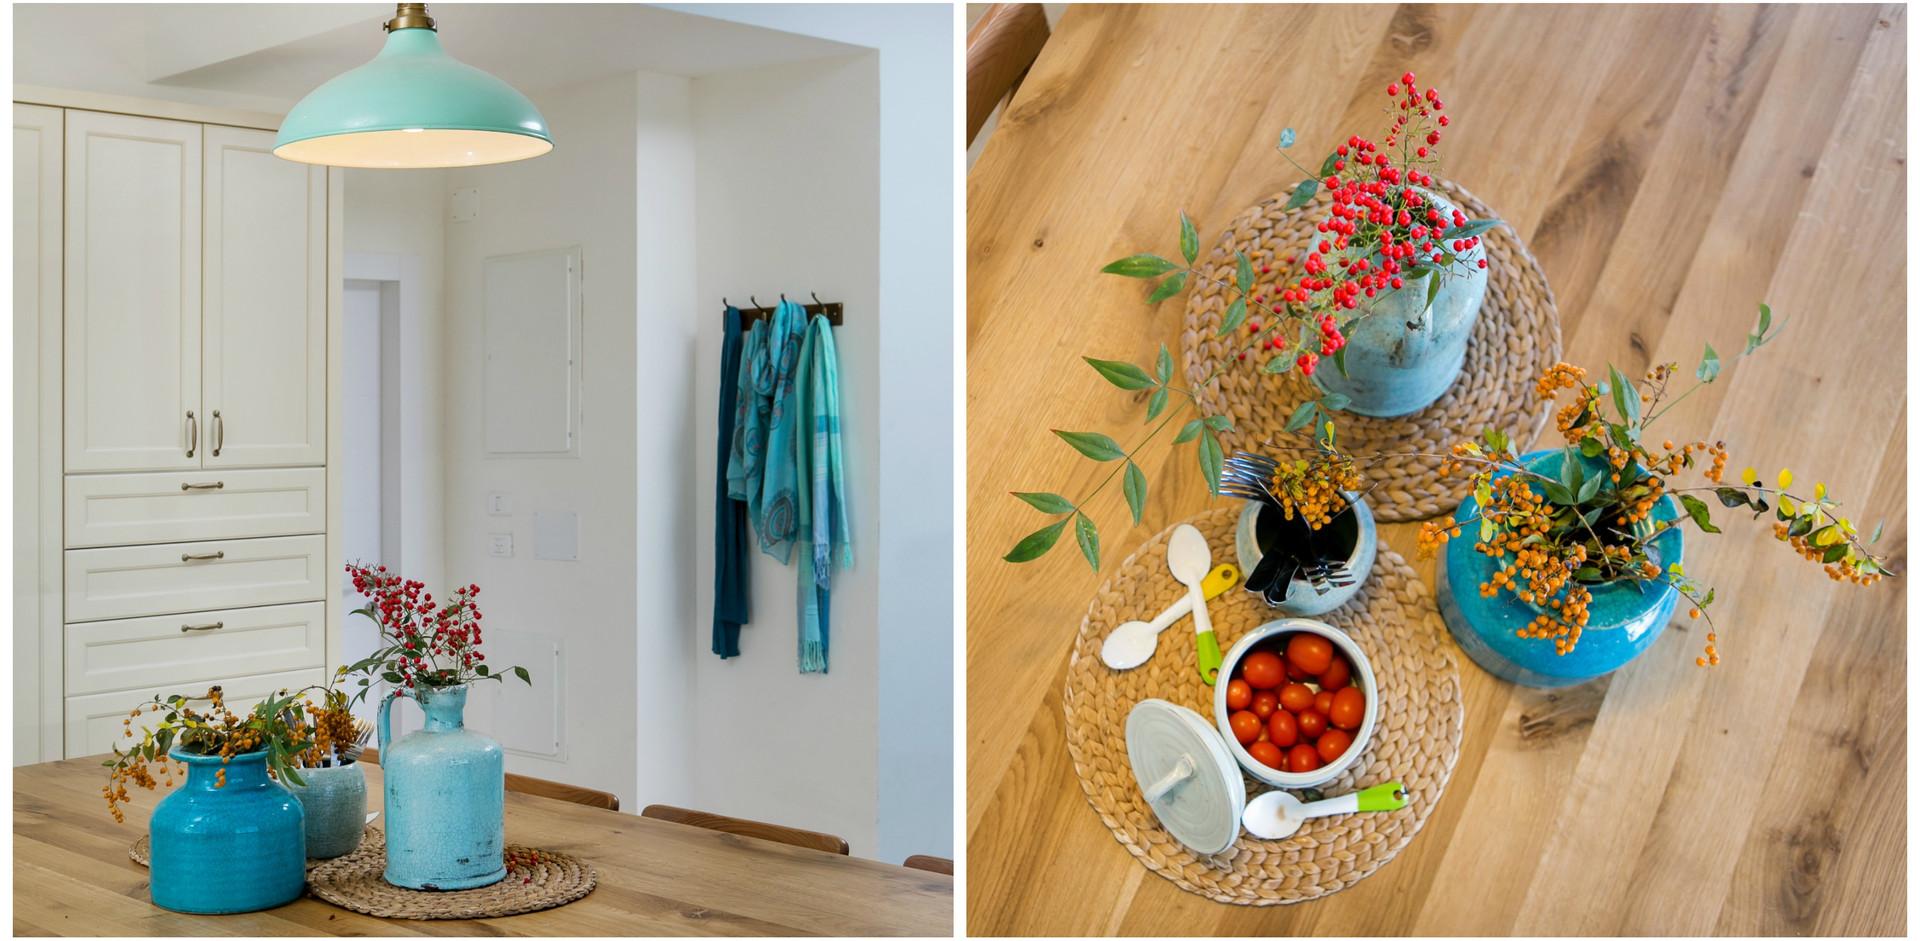 פריטי עיצוב שמקשטים את בית הלקוח- יצירות של בני המשפחה